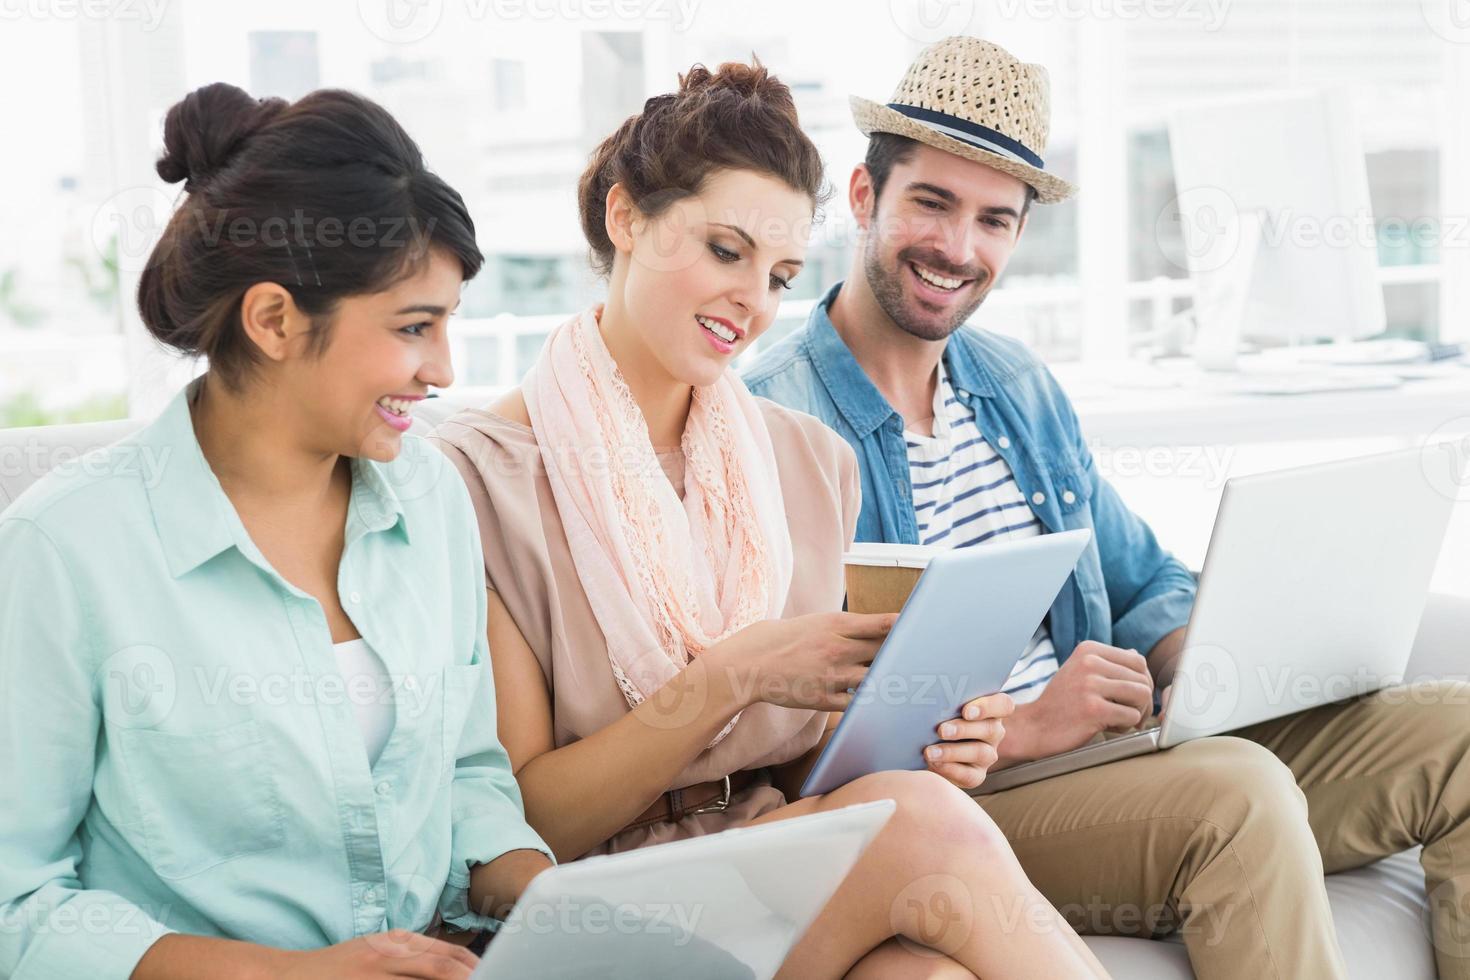 travail d'équipe gai à l'aide d'un ordinateur portable et d'une tablette sur le canapé photo